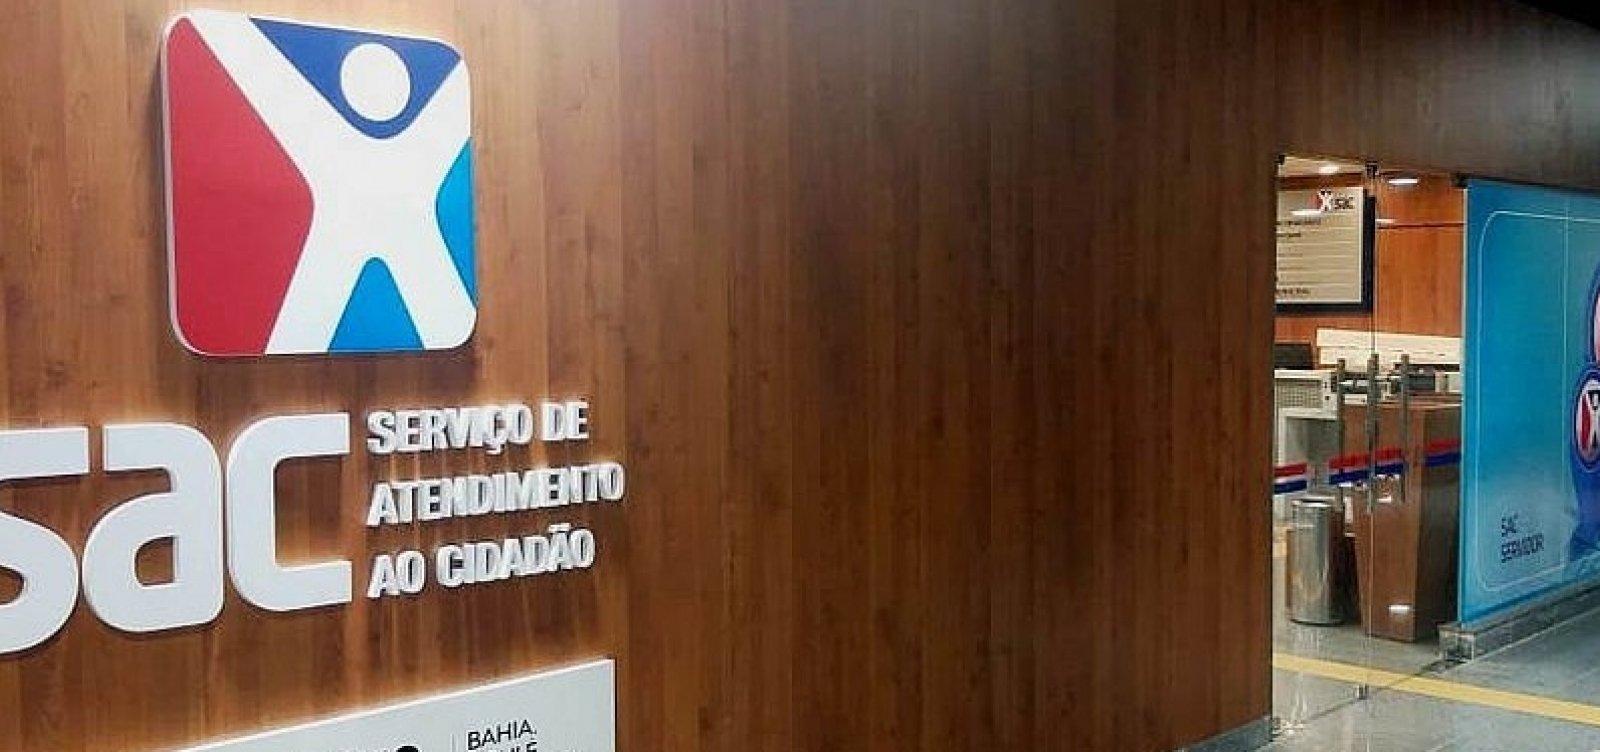 [Salvador: Novo posto SAC é inaugurado no Terminal Pituaçu]